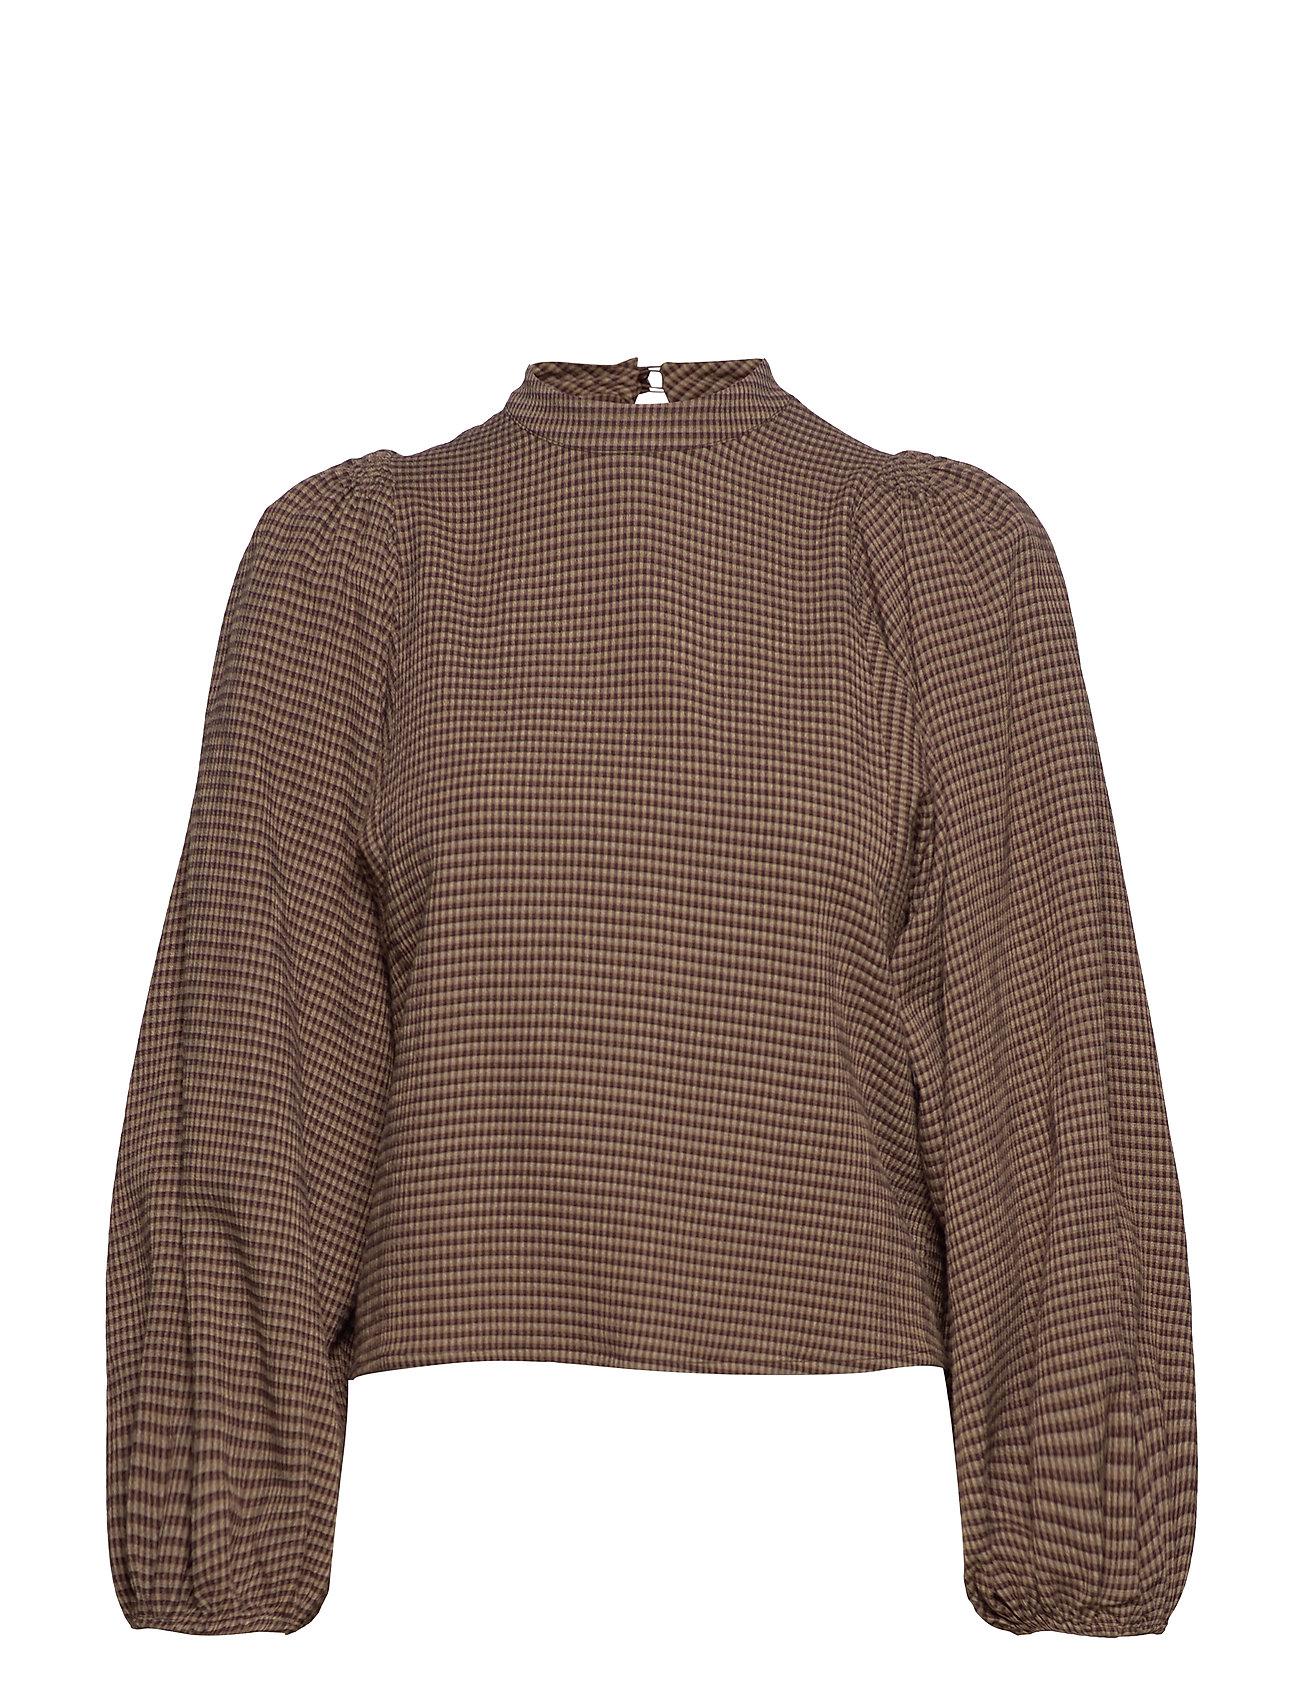 Samsøe & Samsøe Harriet blouse 11238 - ARGAN CHECK